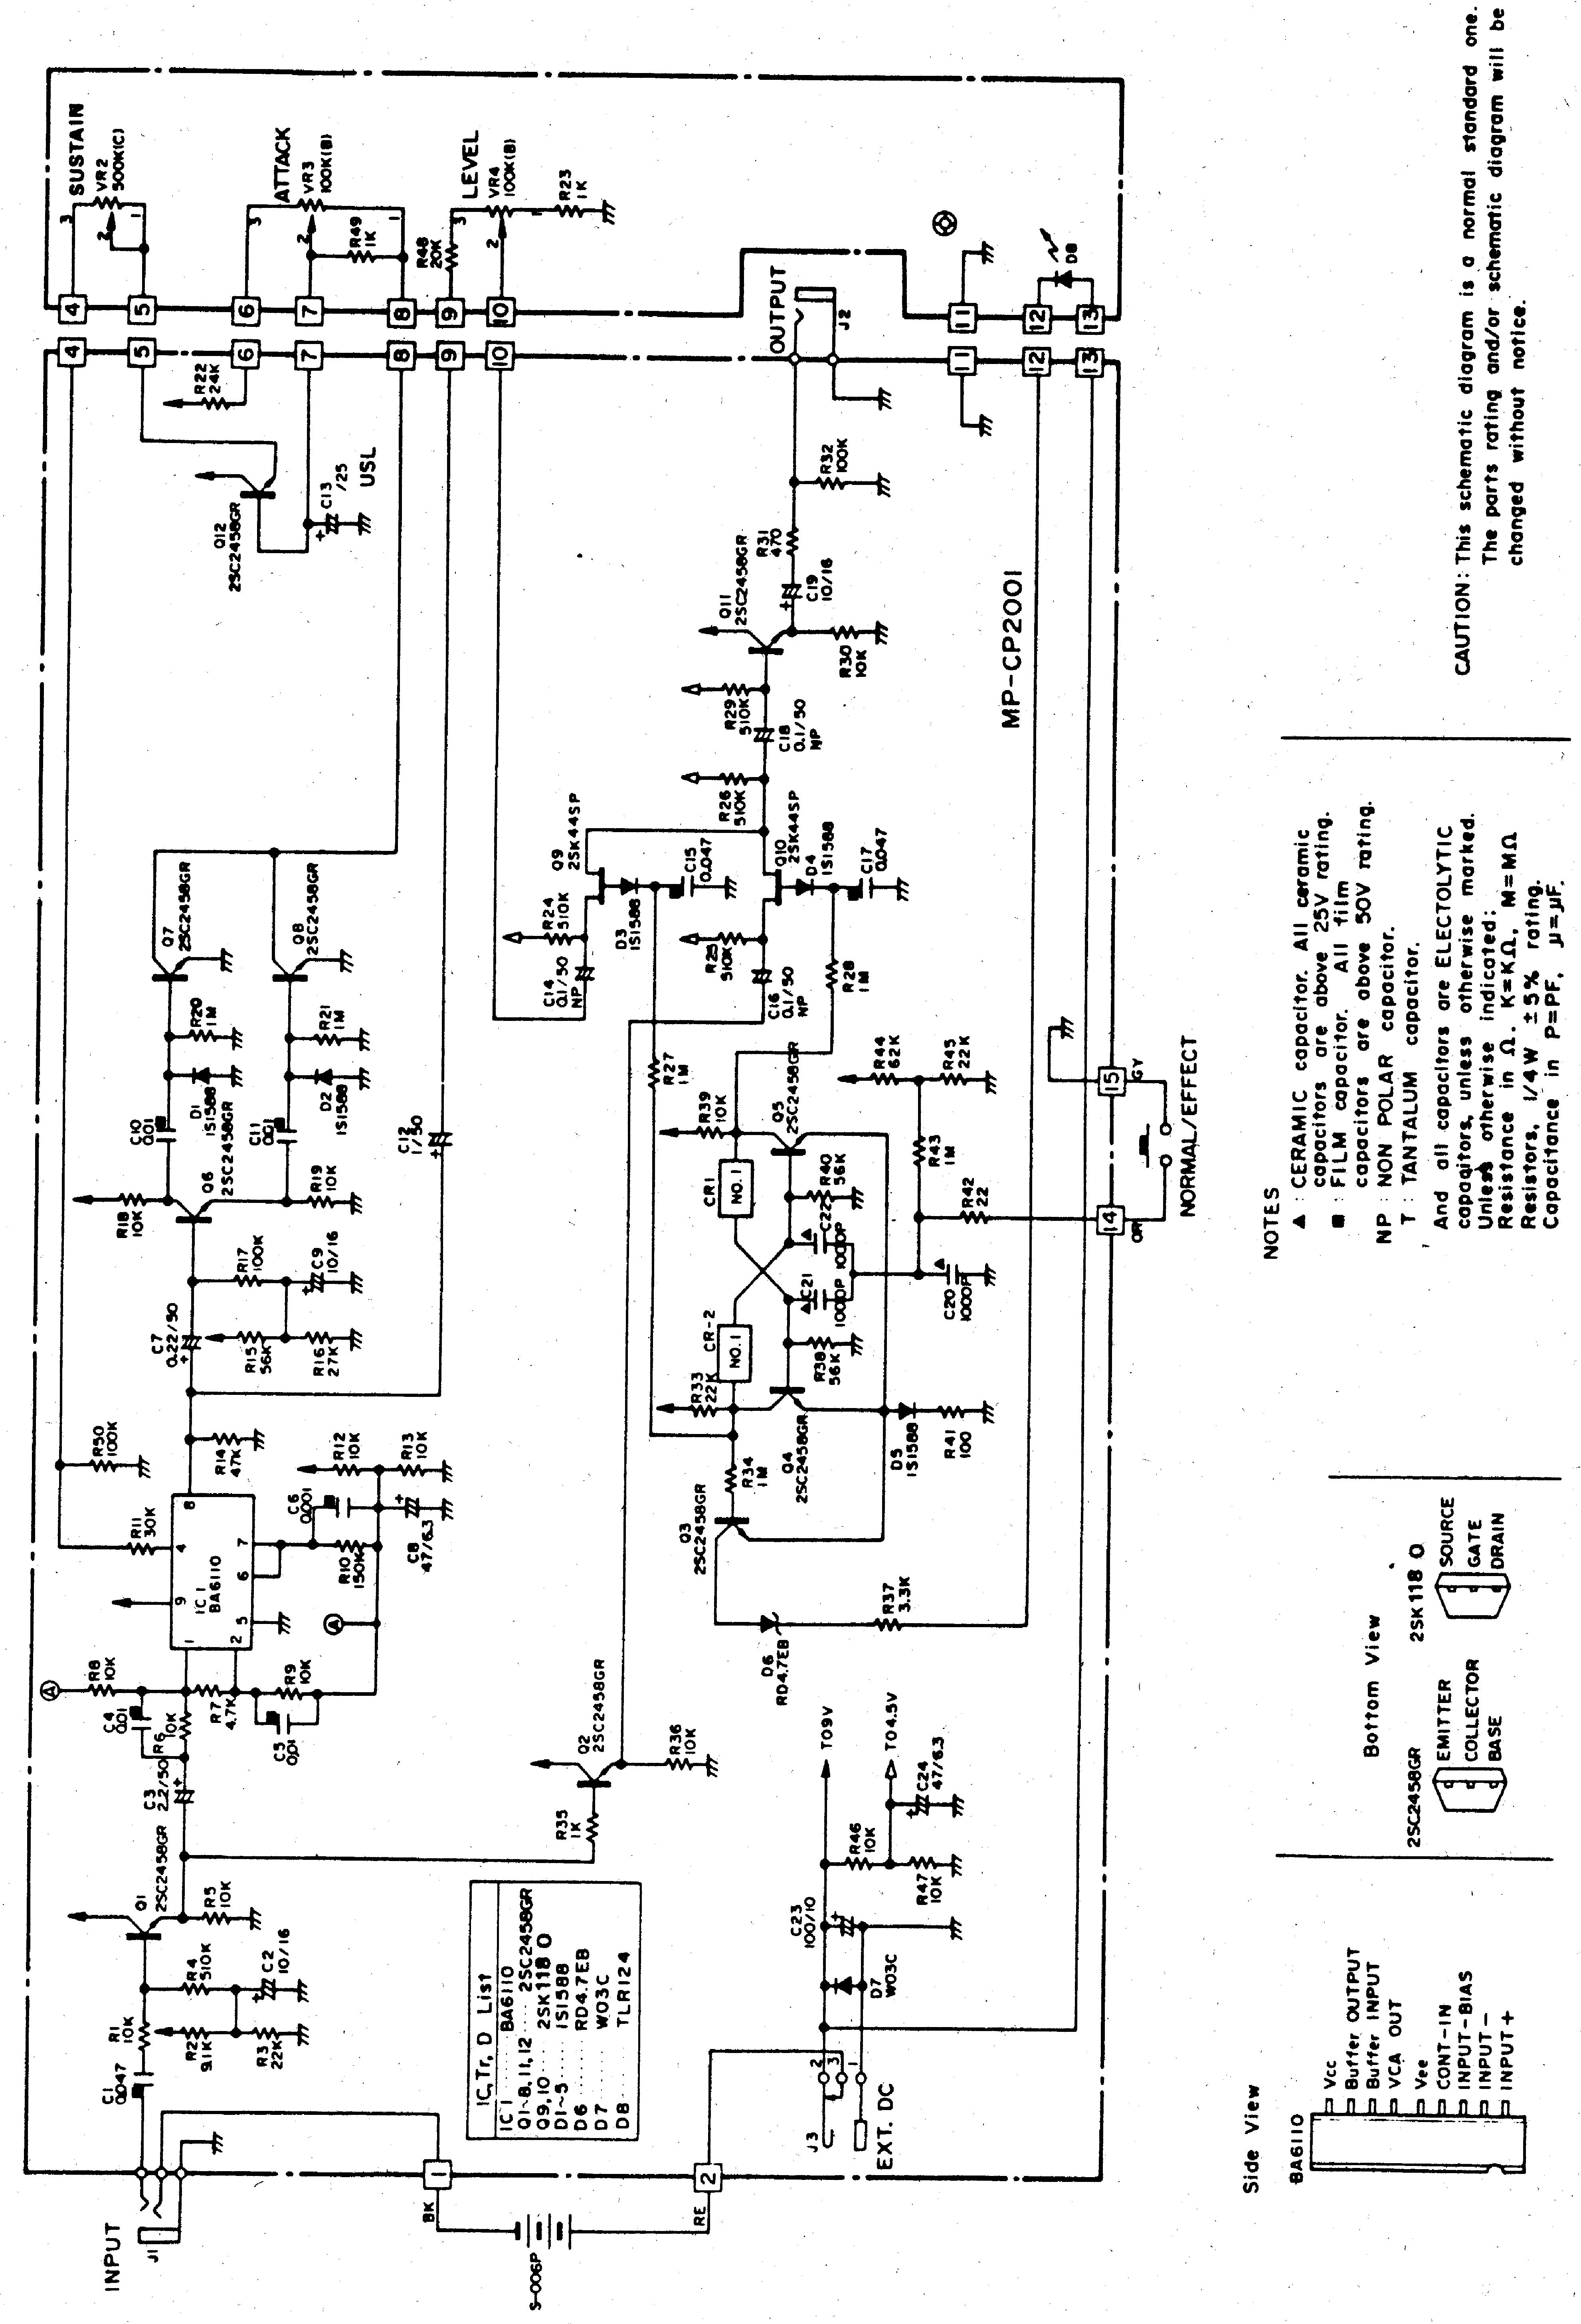 Ibanez cf7 service manual download, schematics, eeprom, repair.